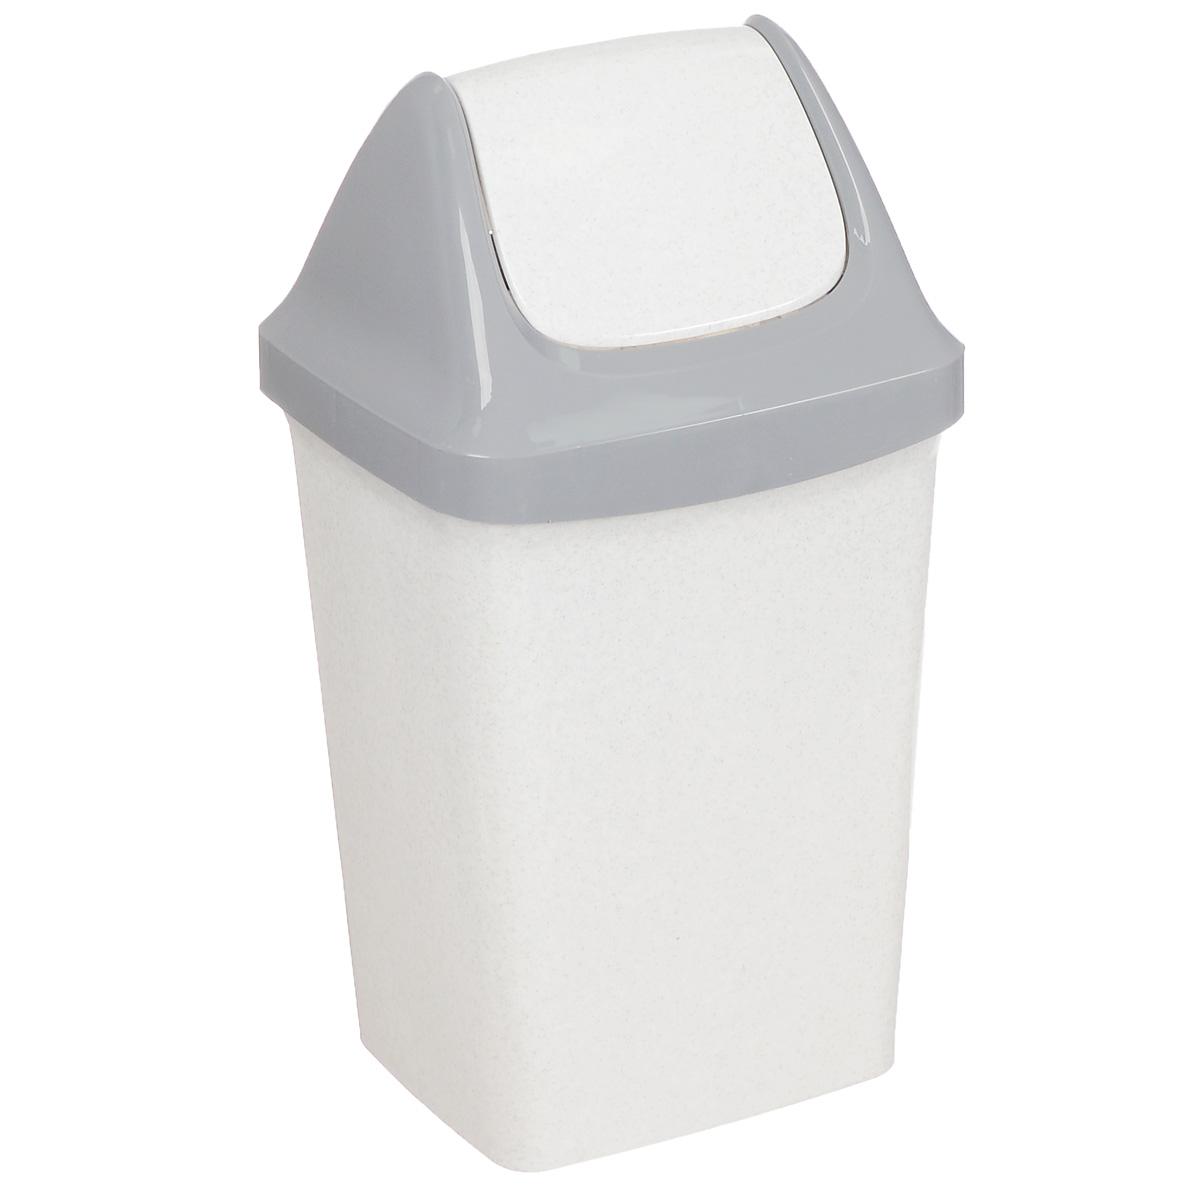 Контейнер для мусора Idea Свинг, цвет: белый мрамор, 9 л контейнер для мусора idea хапс цвет коричневый мрамор 15 л